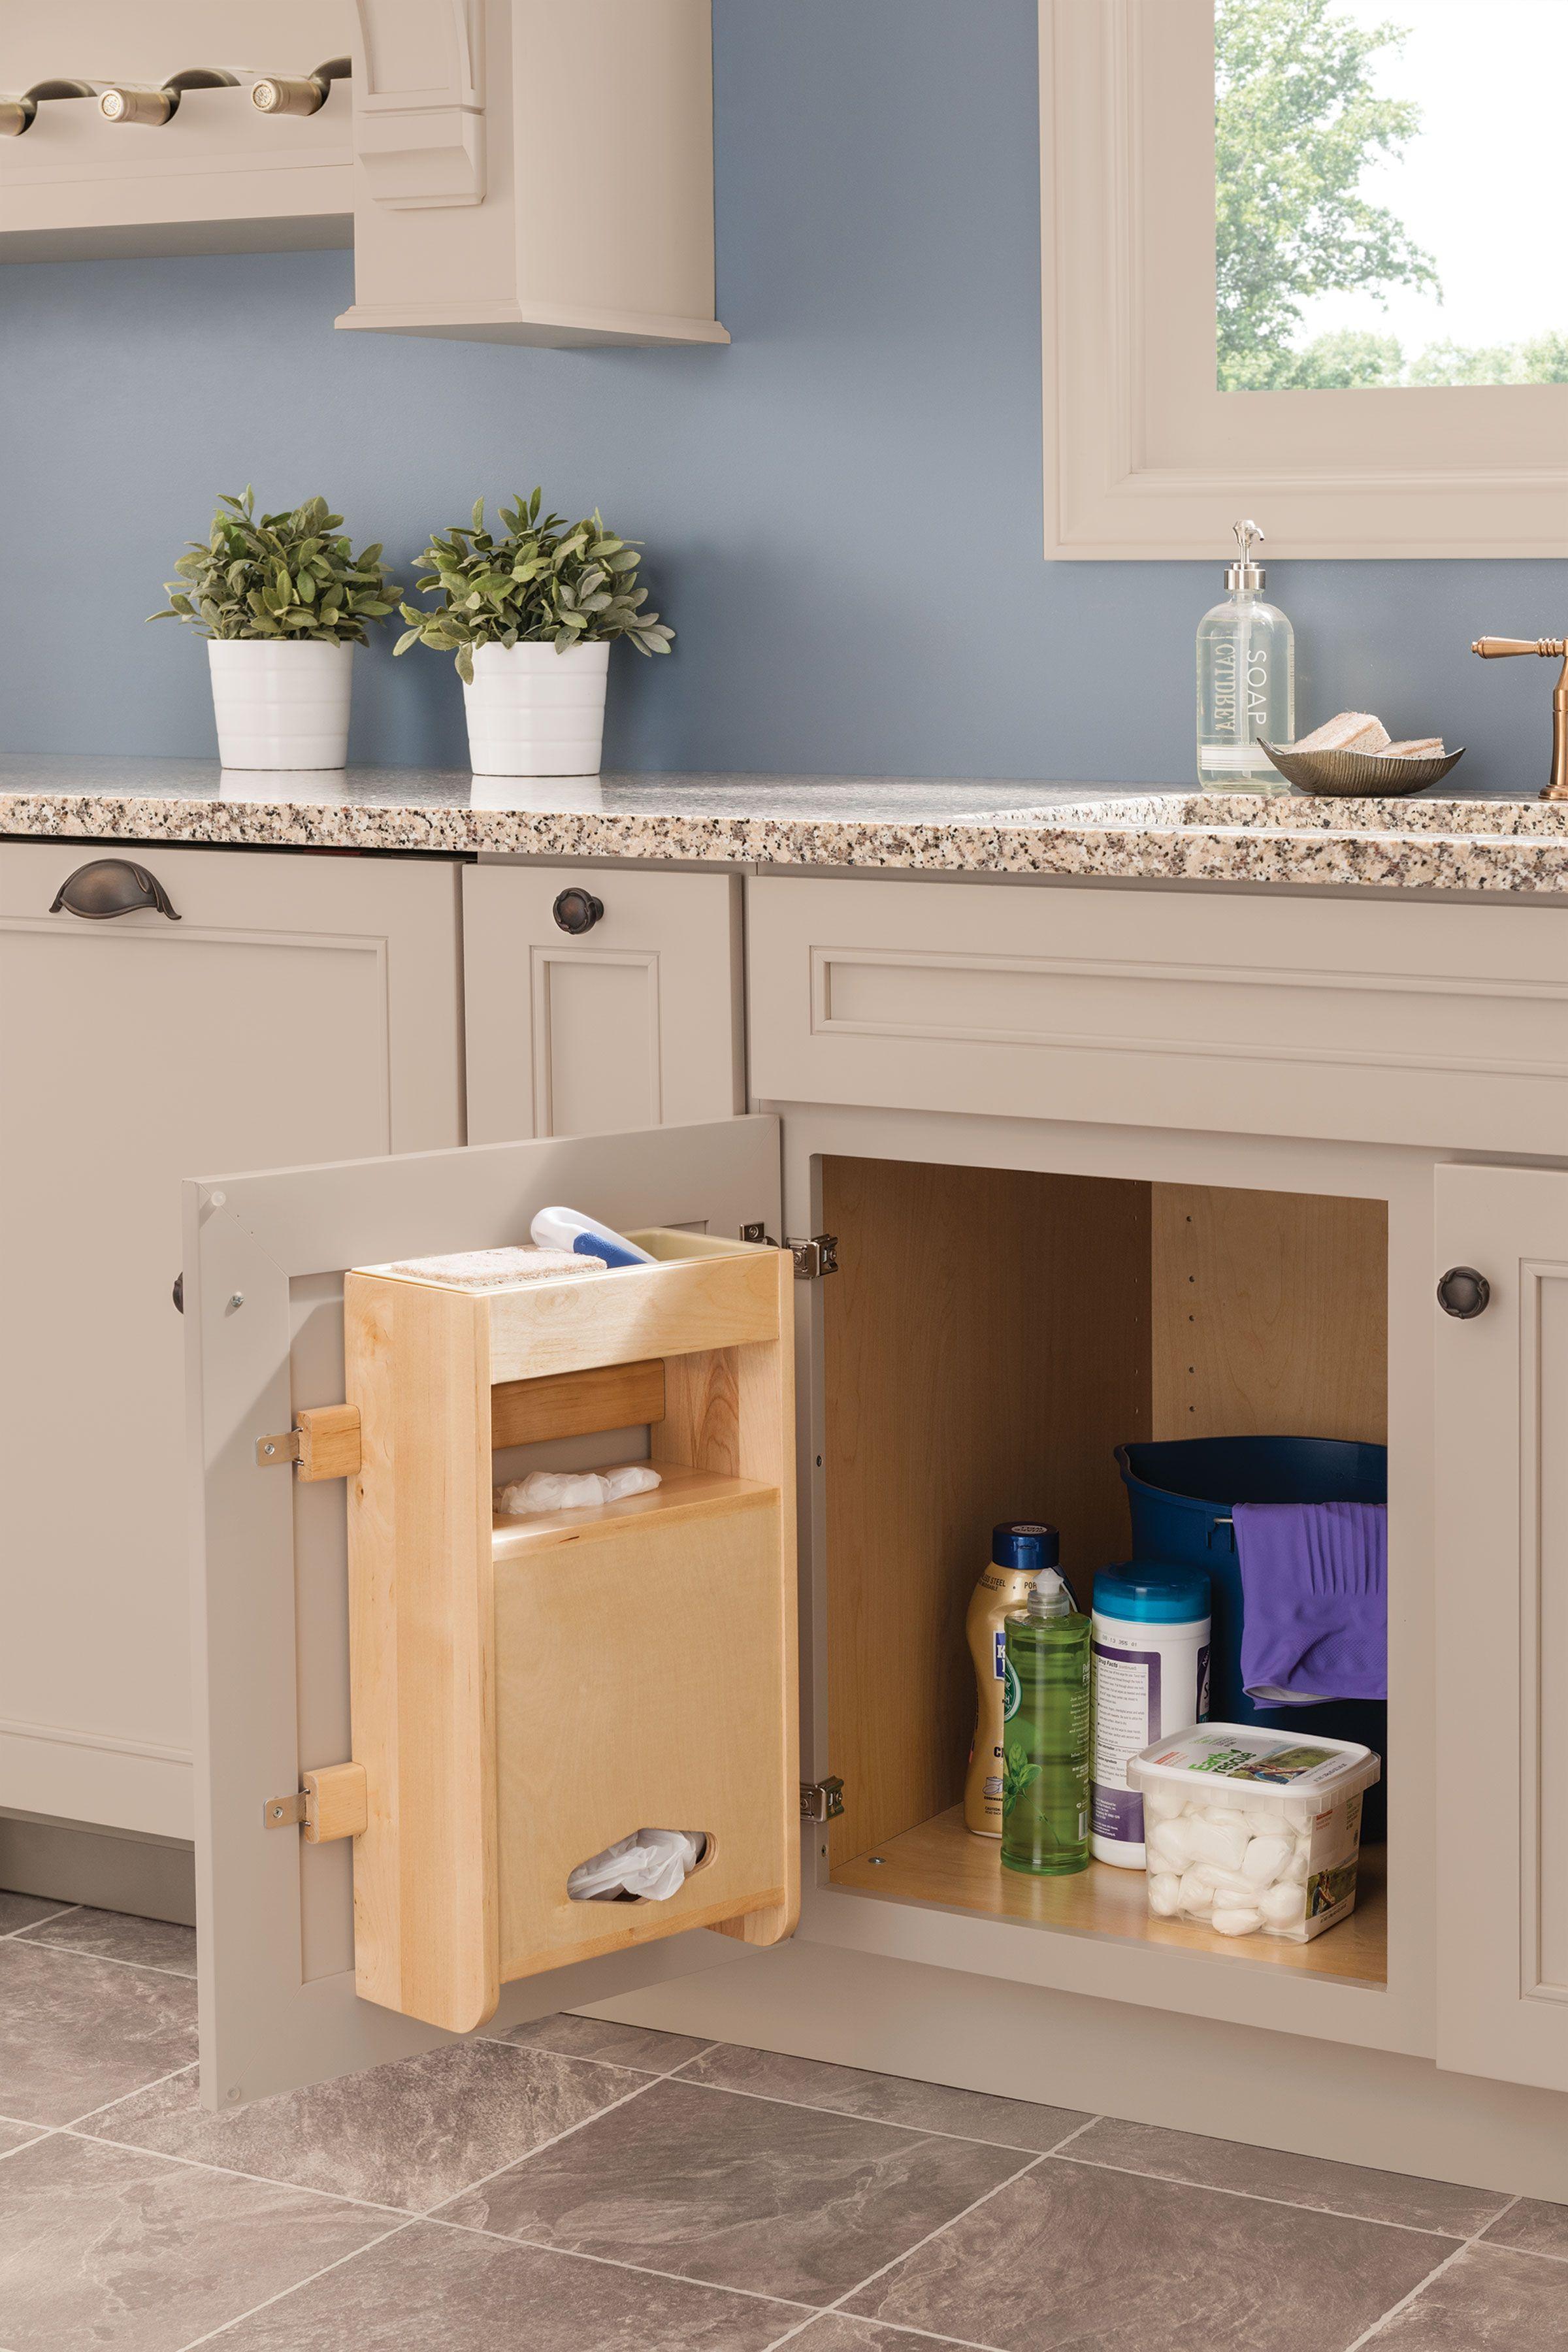 sink base plastic bag door storage unit kit door storage types of kitchen cabinets bathroom on kitchen organization cabinet layout id=91039